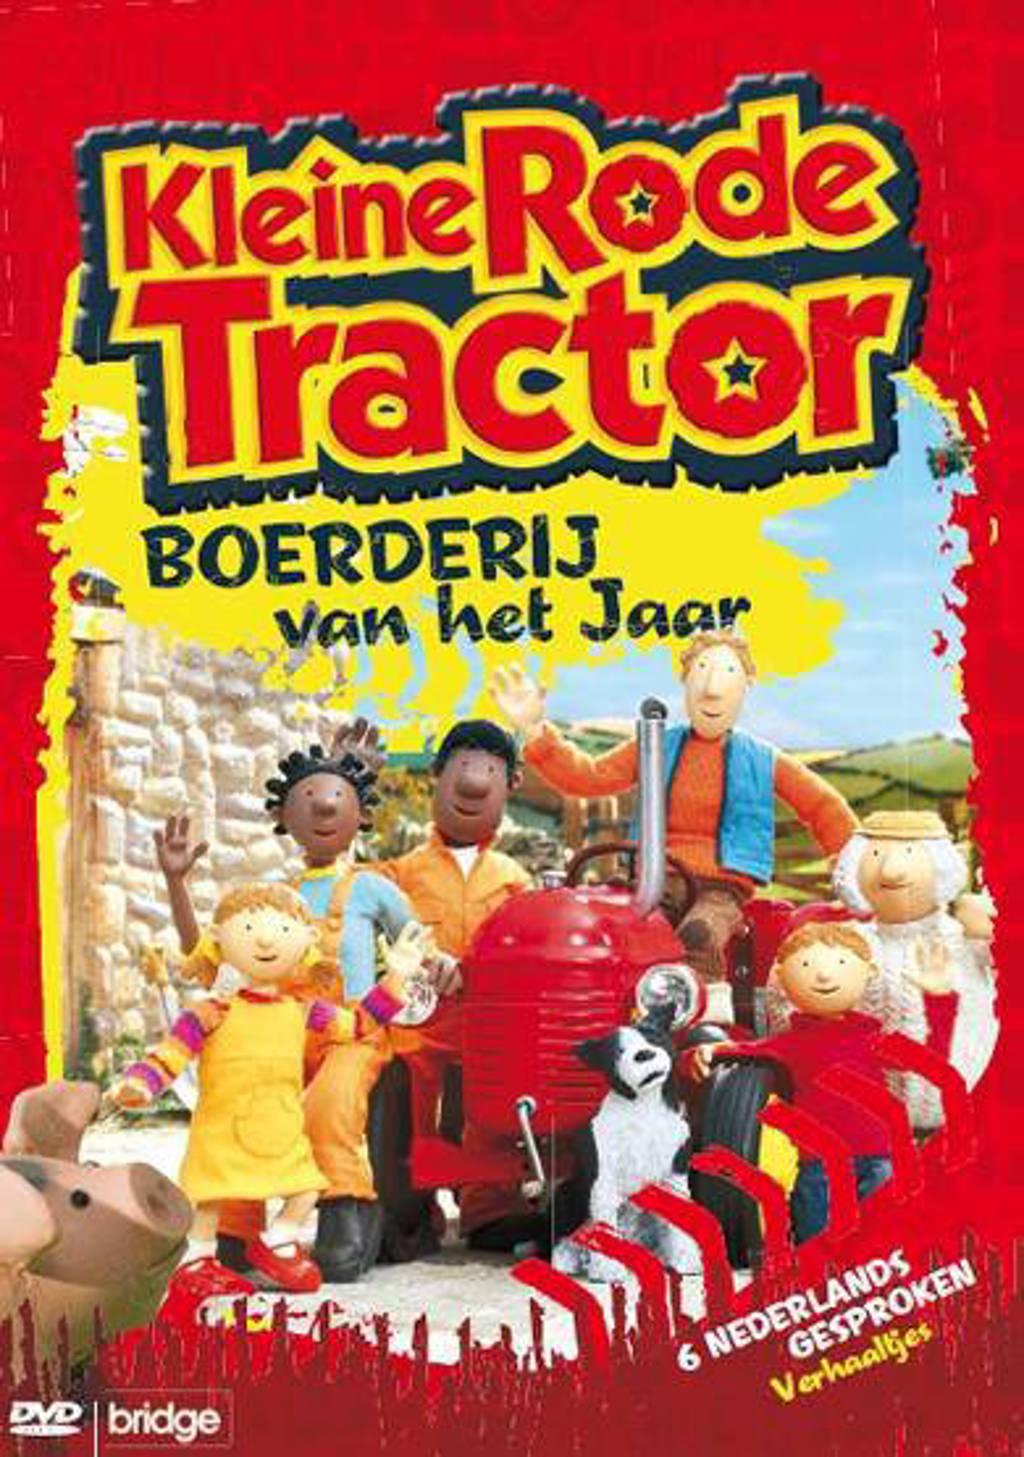 Kleine rode tractor - Boerderij van het jaar (DVD)